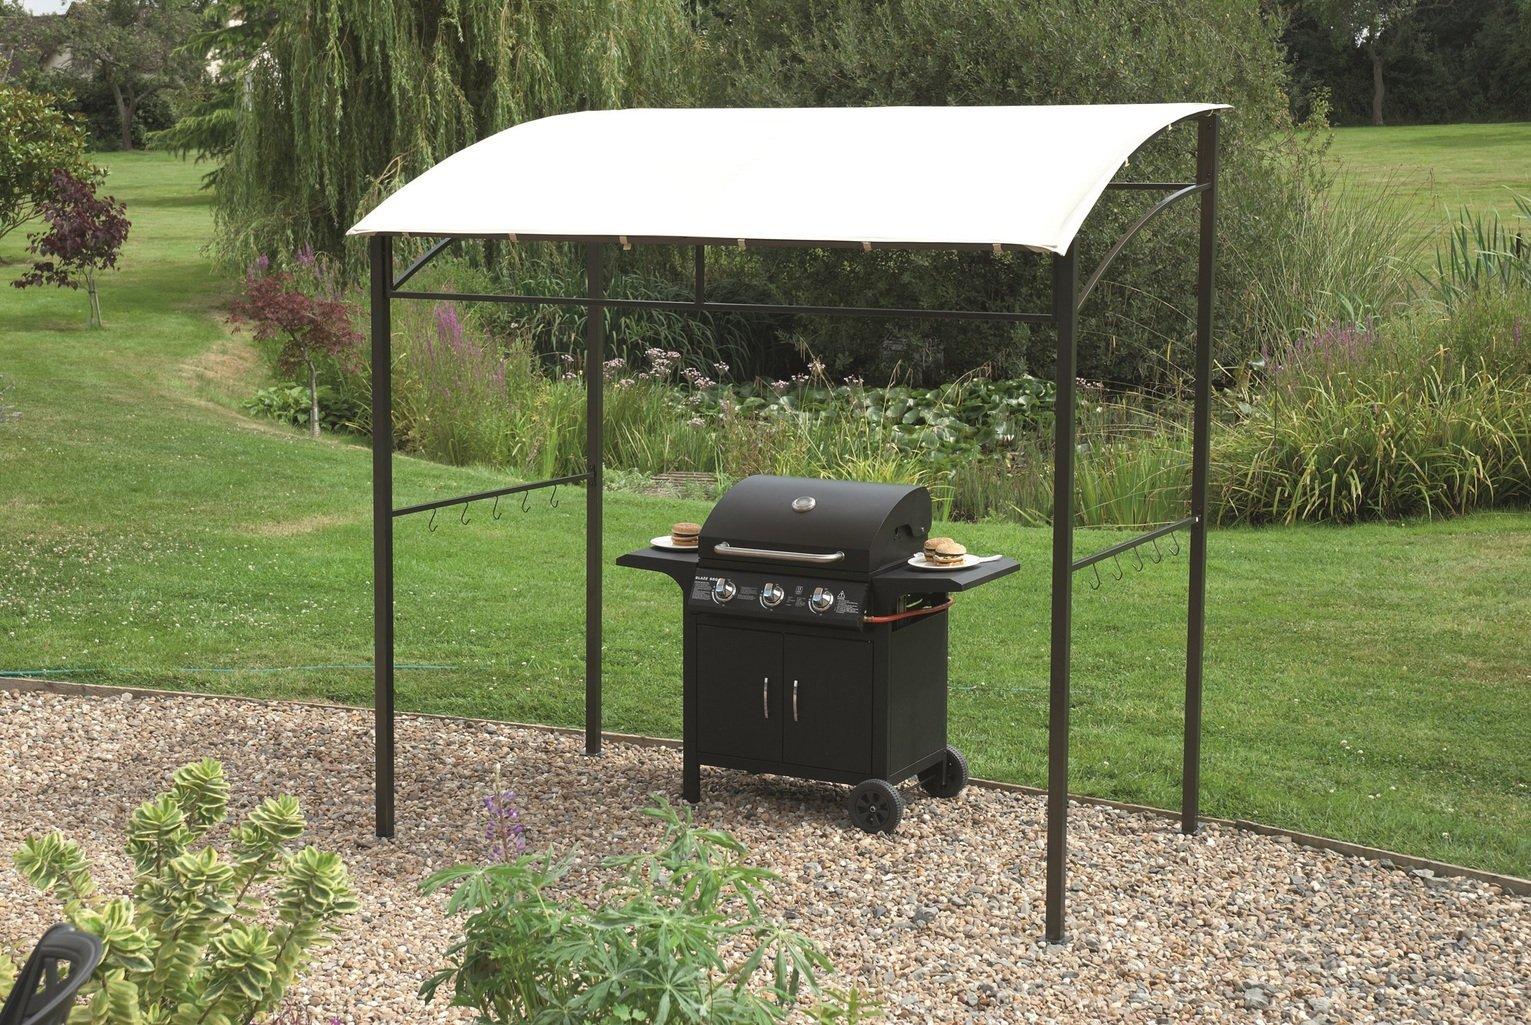 Image of Greenhurst 2.1m x 1.3m BBQ Garden Gazebo